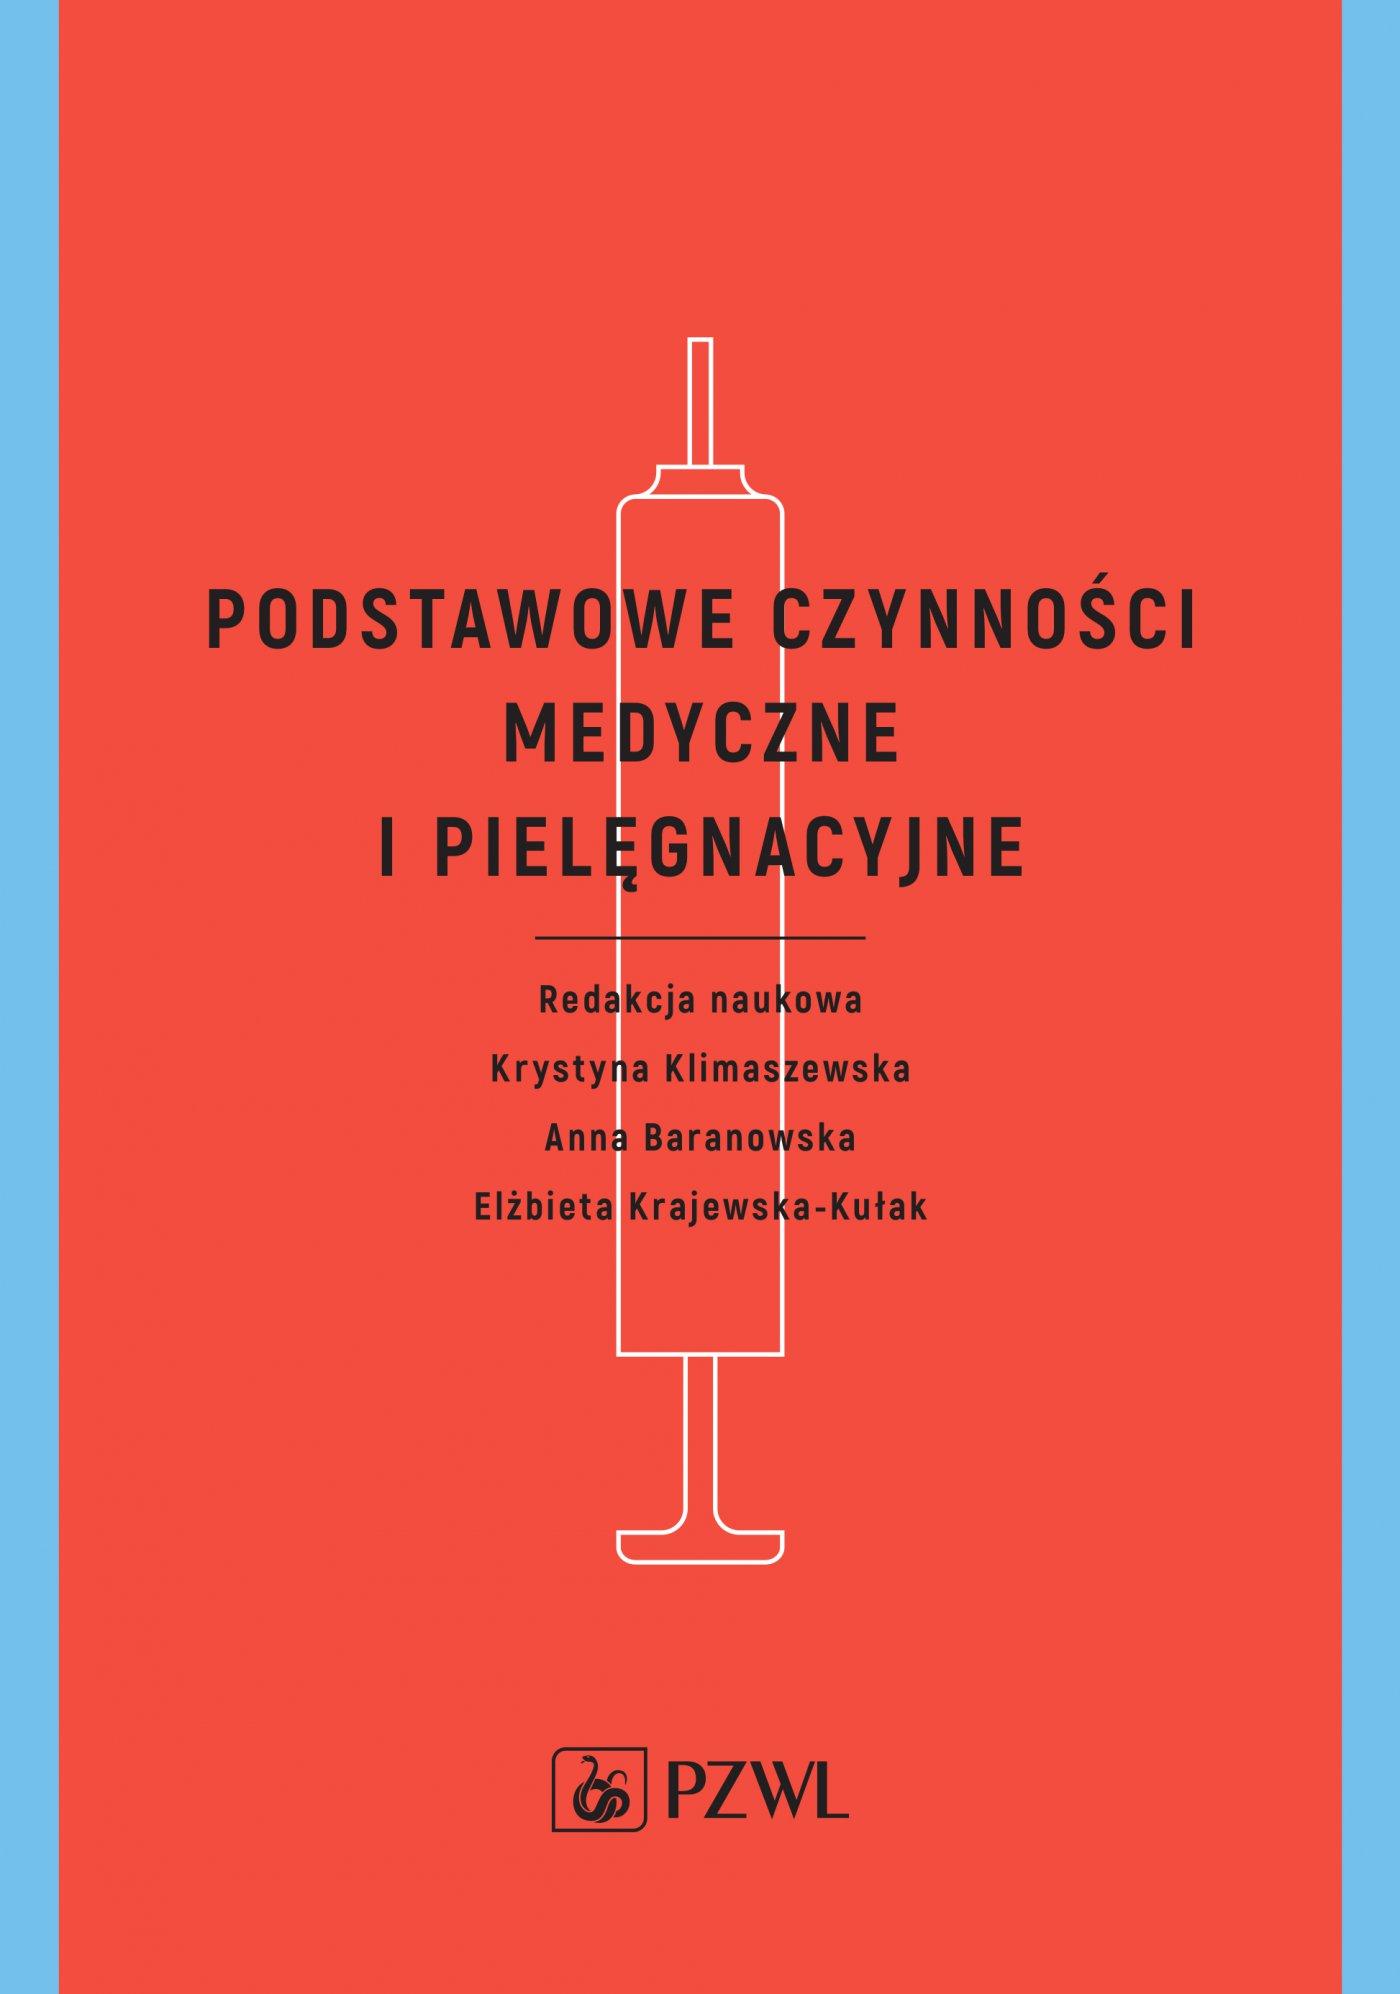 Podstawowe czynności medyczne i pielęgnacyjne - Ebook (Książka na Kindle) do pobrania w formacie MOBI